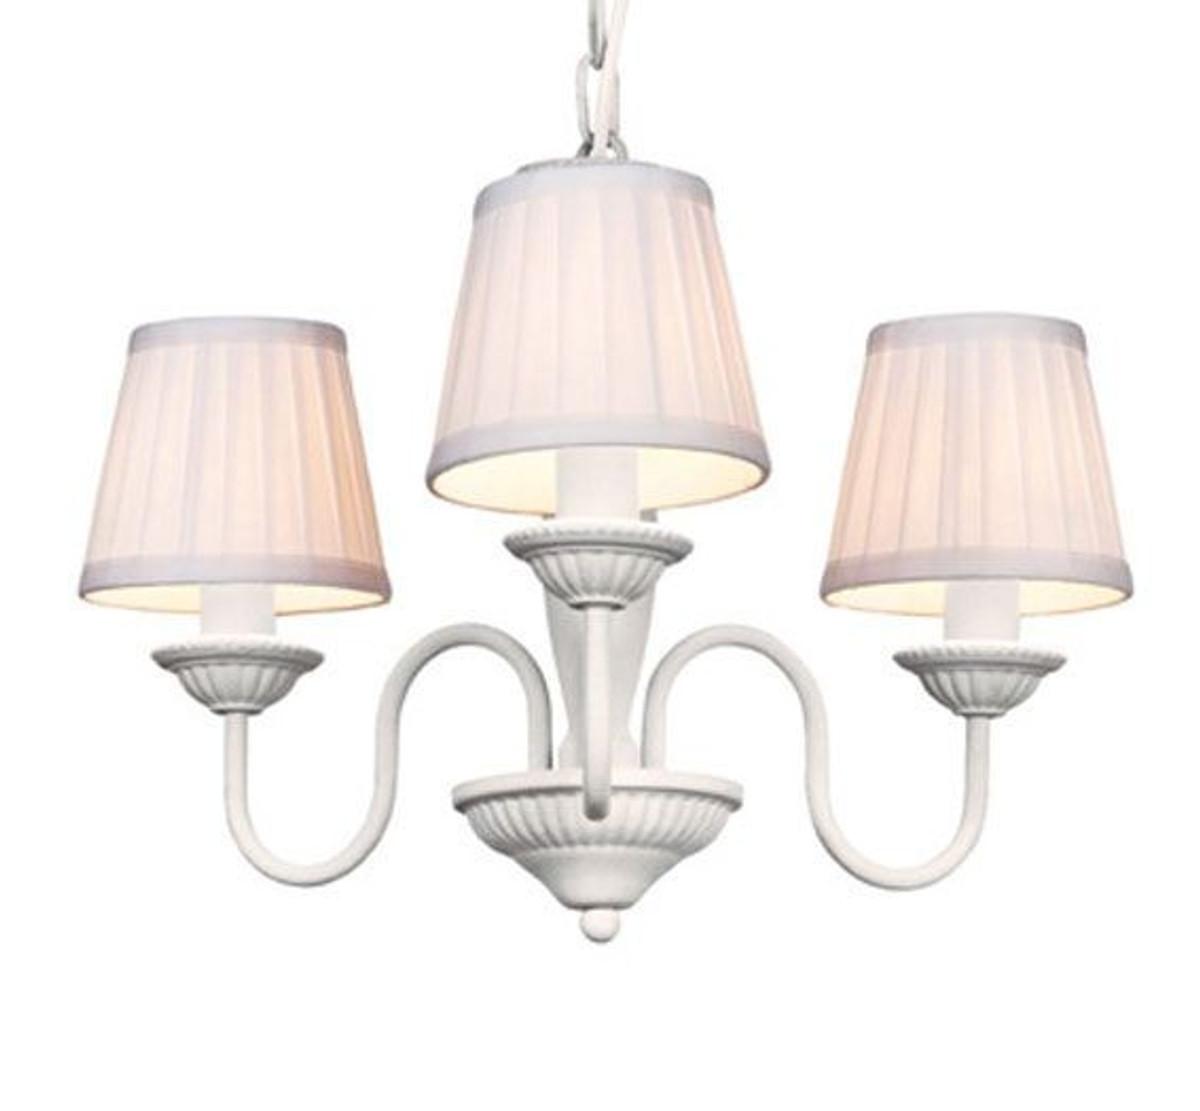 Barock Pendelleuchte Mit Plissee Schirm 3 Flammig Weiß Leuchte Lampe